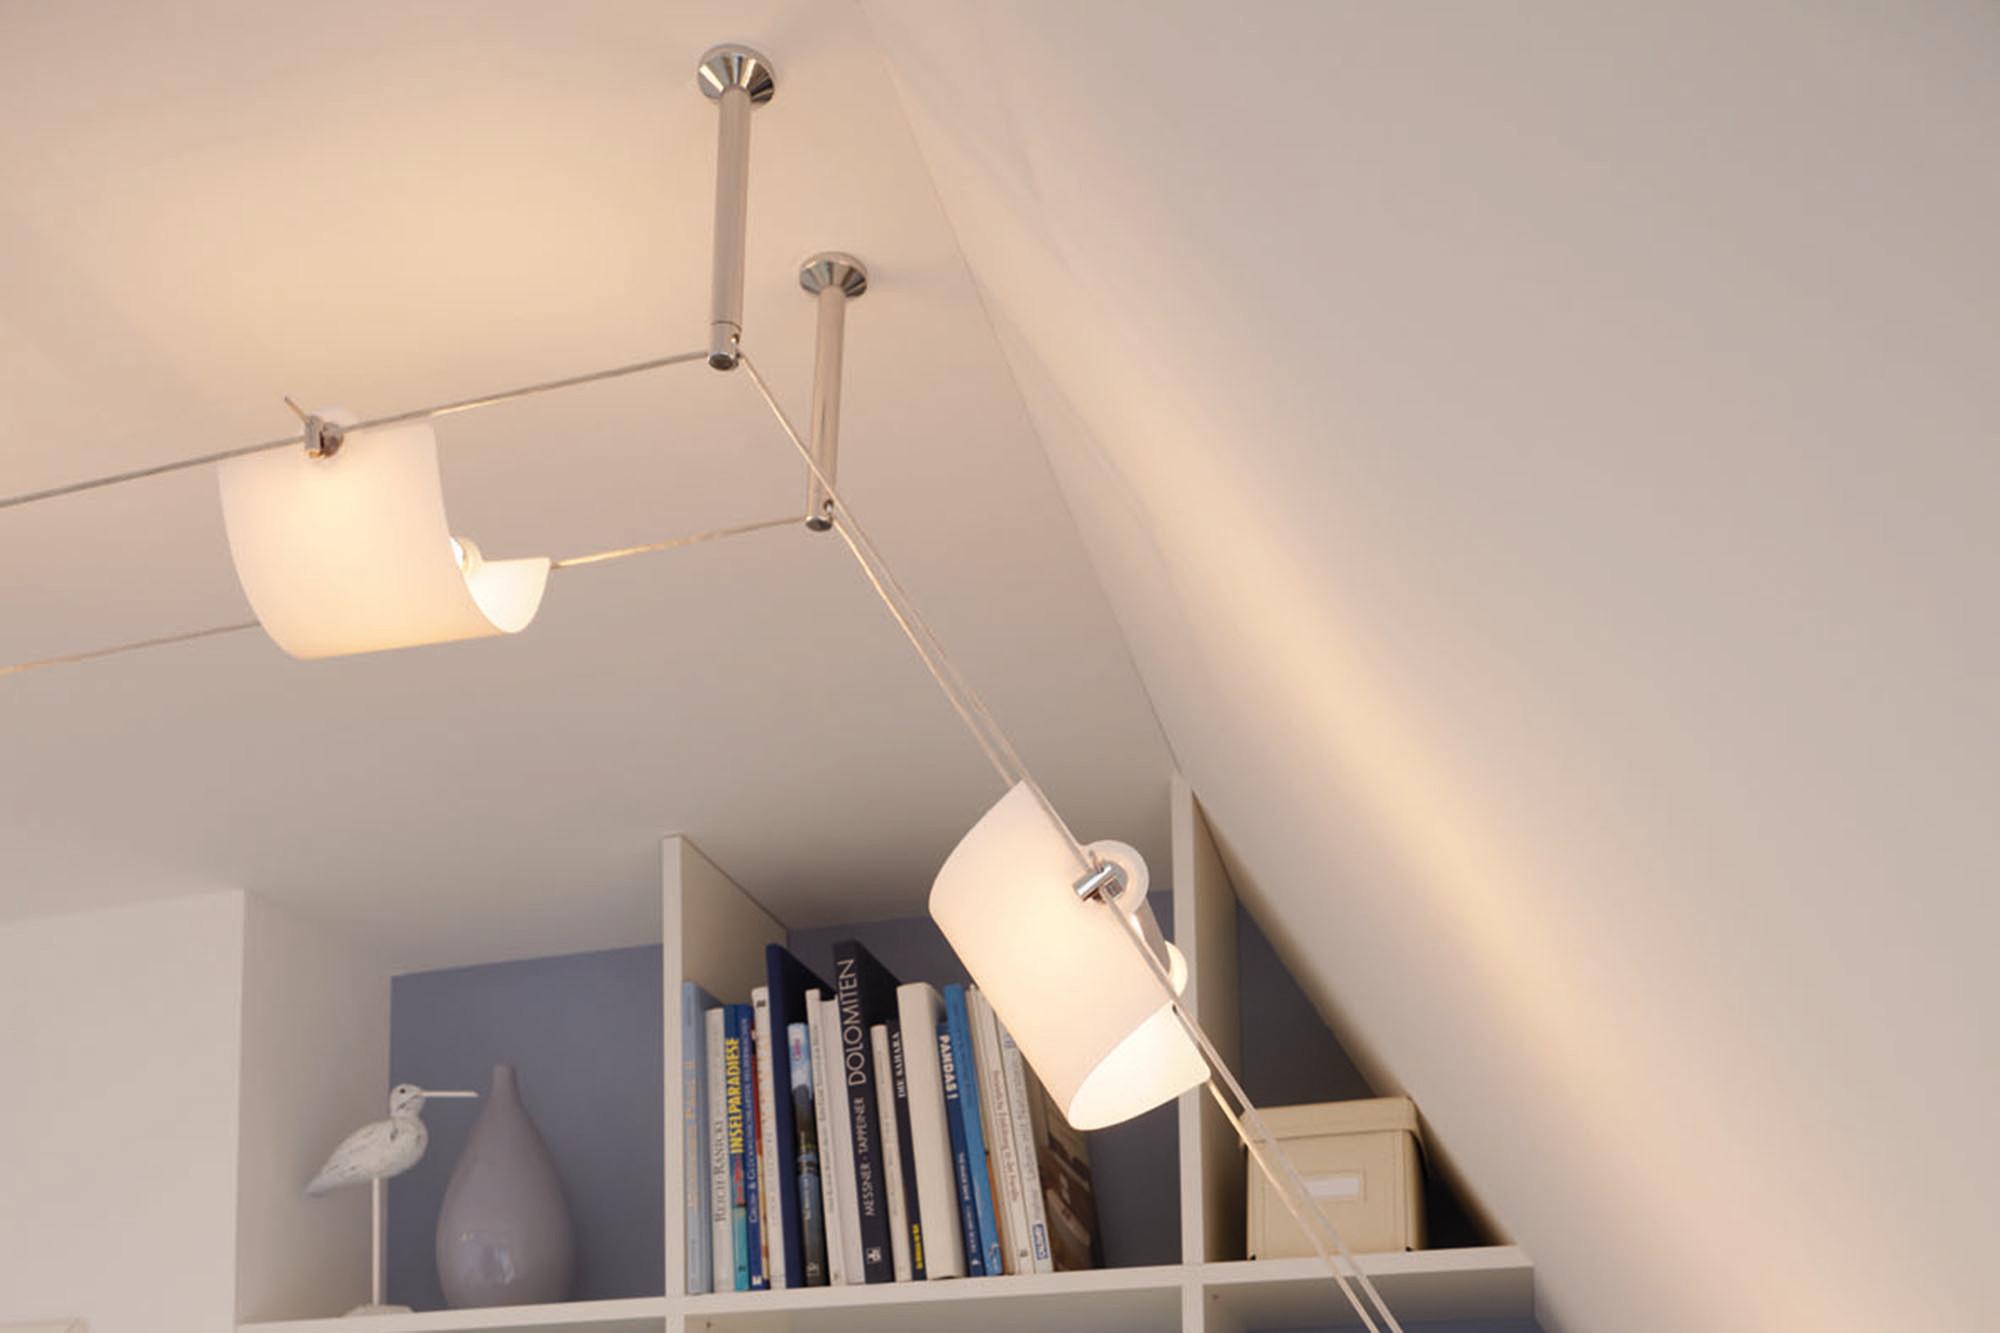 Seilsysteme Beleuchtung  Montage Tipp für Paulmann Seilsystem